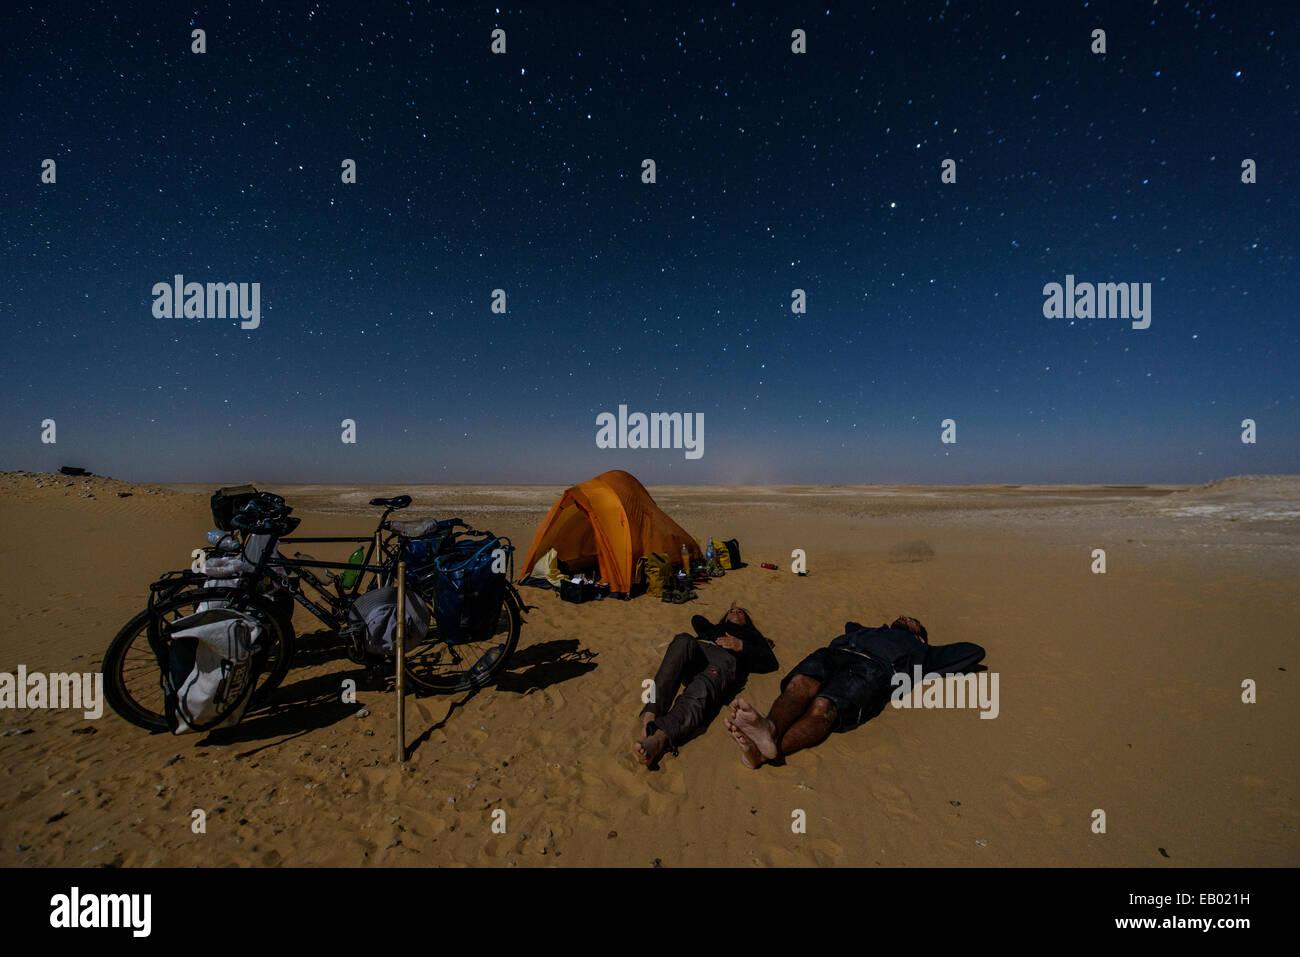 Paar, schlafen unter den Sternen in der Sahara Wüste, Ägypten Stockbild